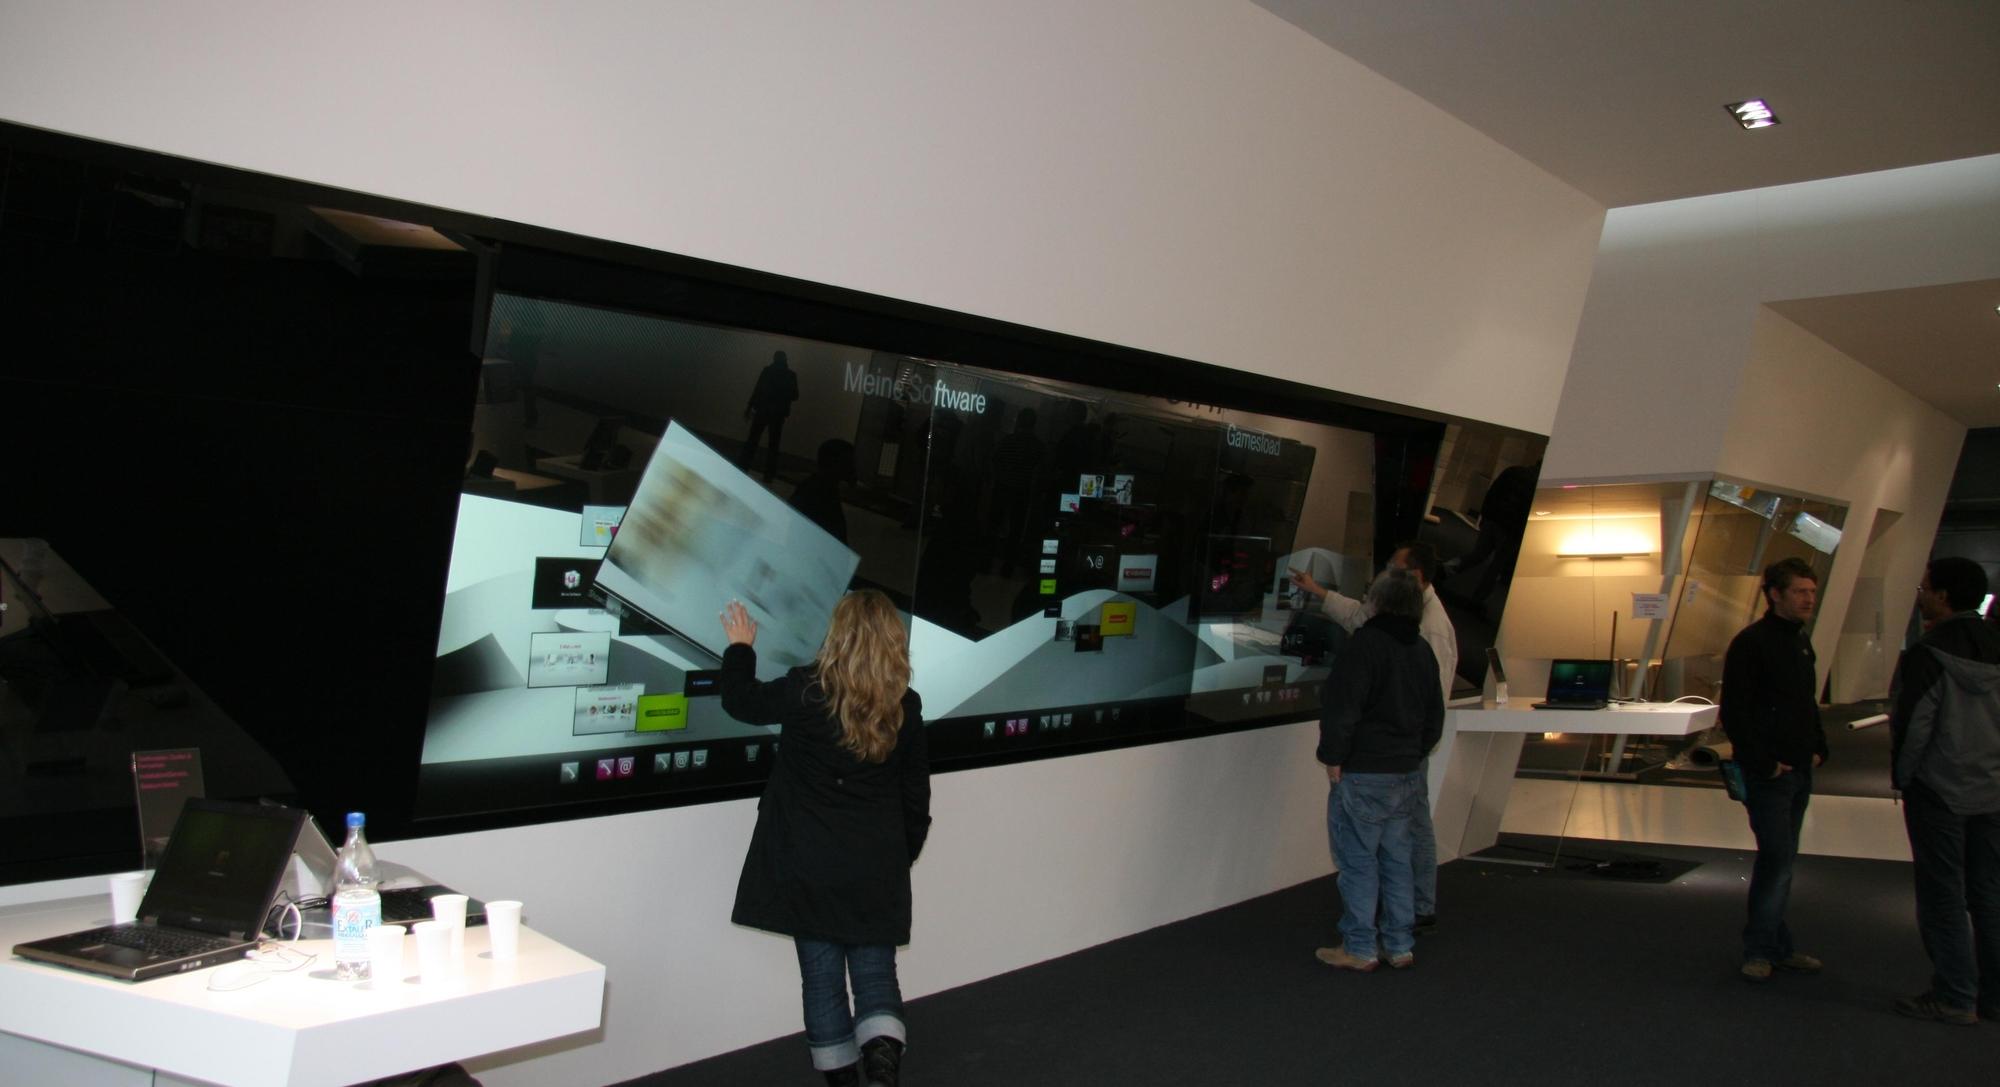 Joda, touchscreens er inn i år også. Store touchscreens.